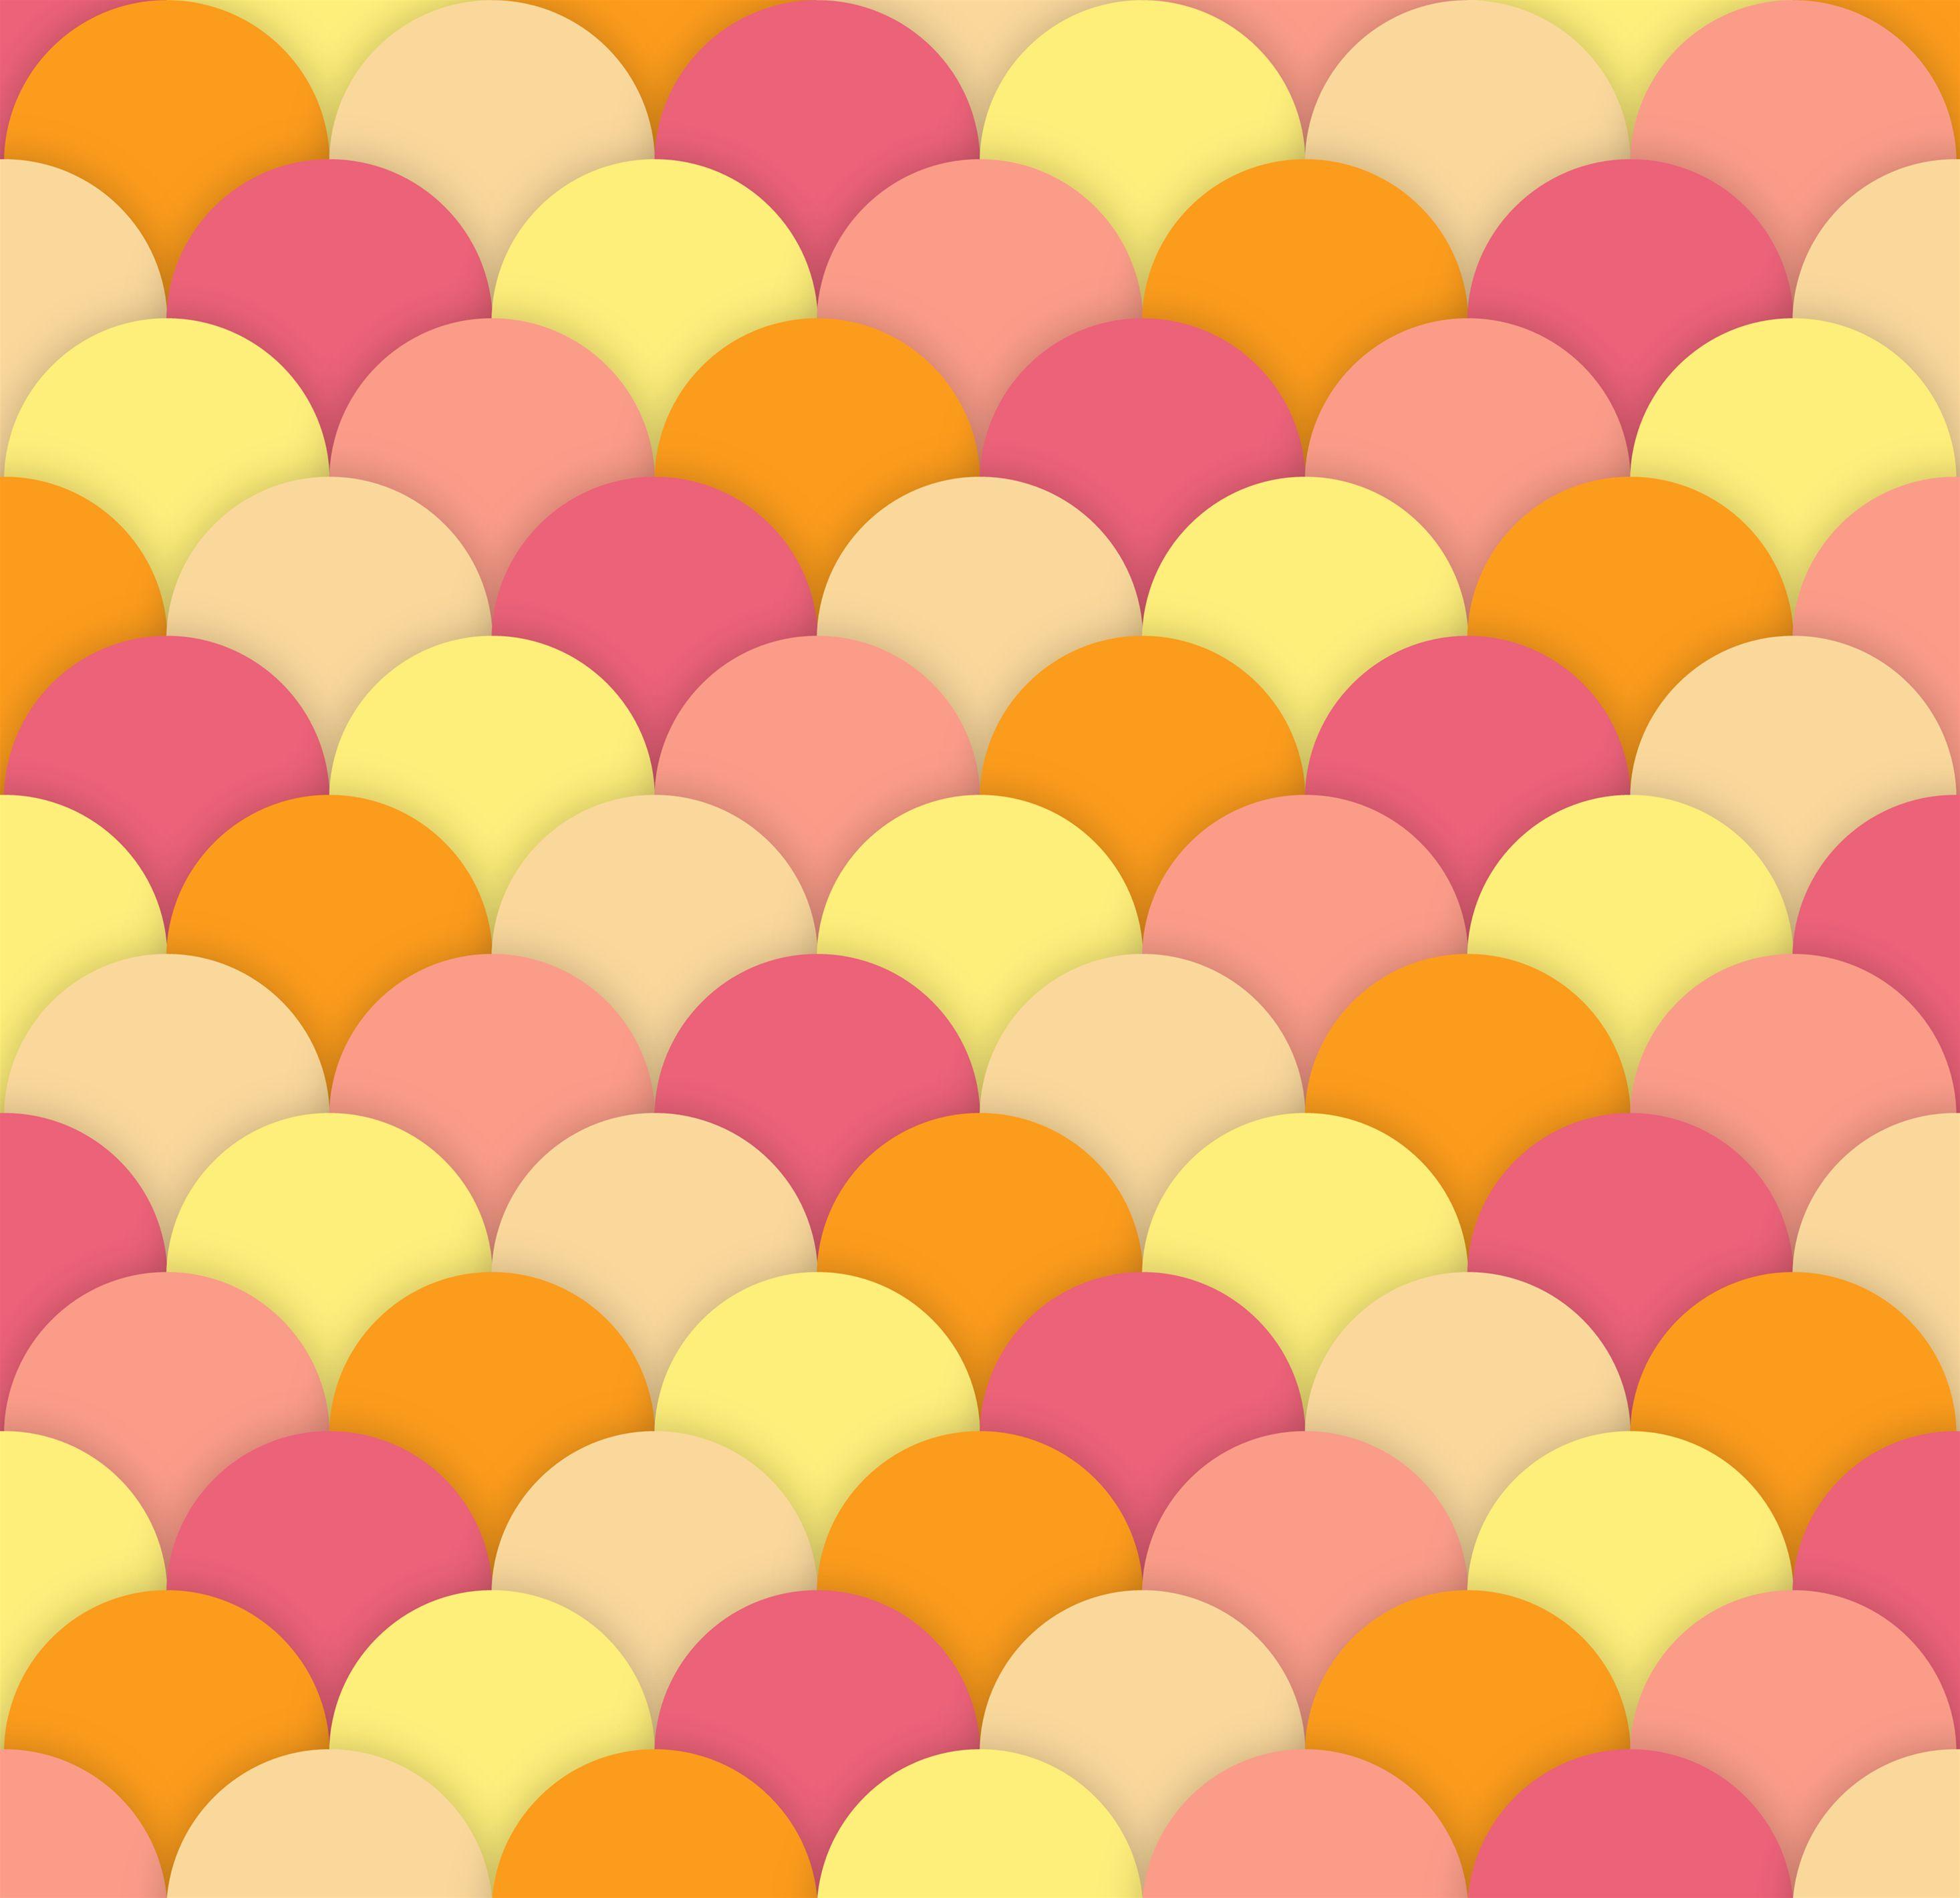 117344 Hintergrundbild 240x320 kostenlos auf deinem Handy, lade Bilder Dekoration, Patterns, Mehrfarbig, Motley, Textur, Texturen, Form, Formen, Oval, Die Elemente, Elemente 240x320 auf dein Handy herunter